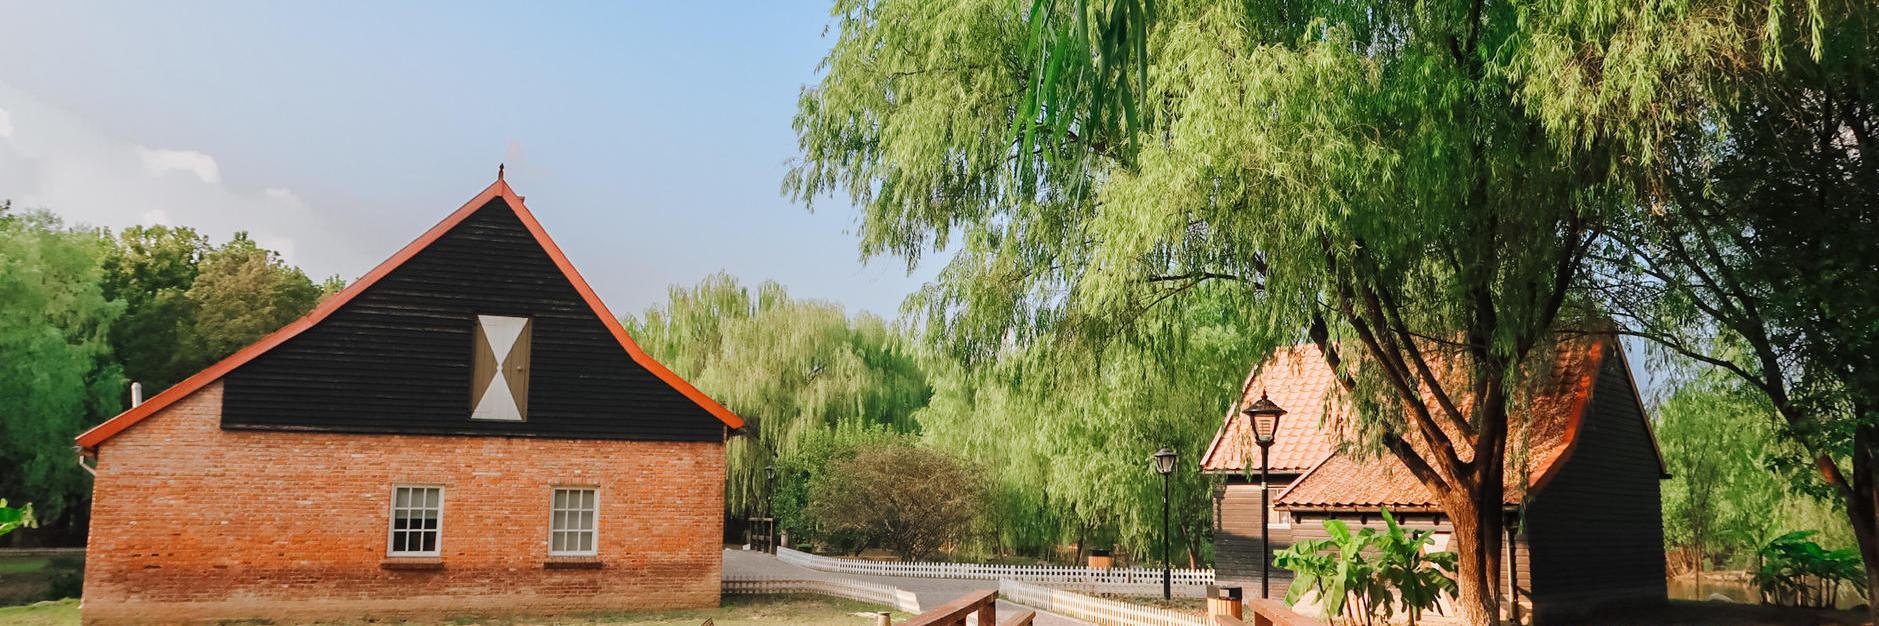 南京-一定要去的地方